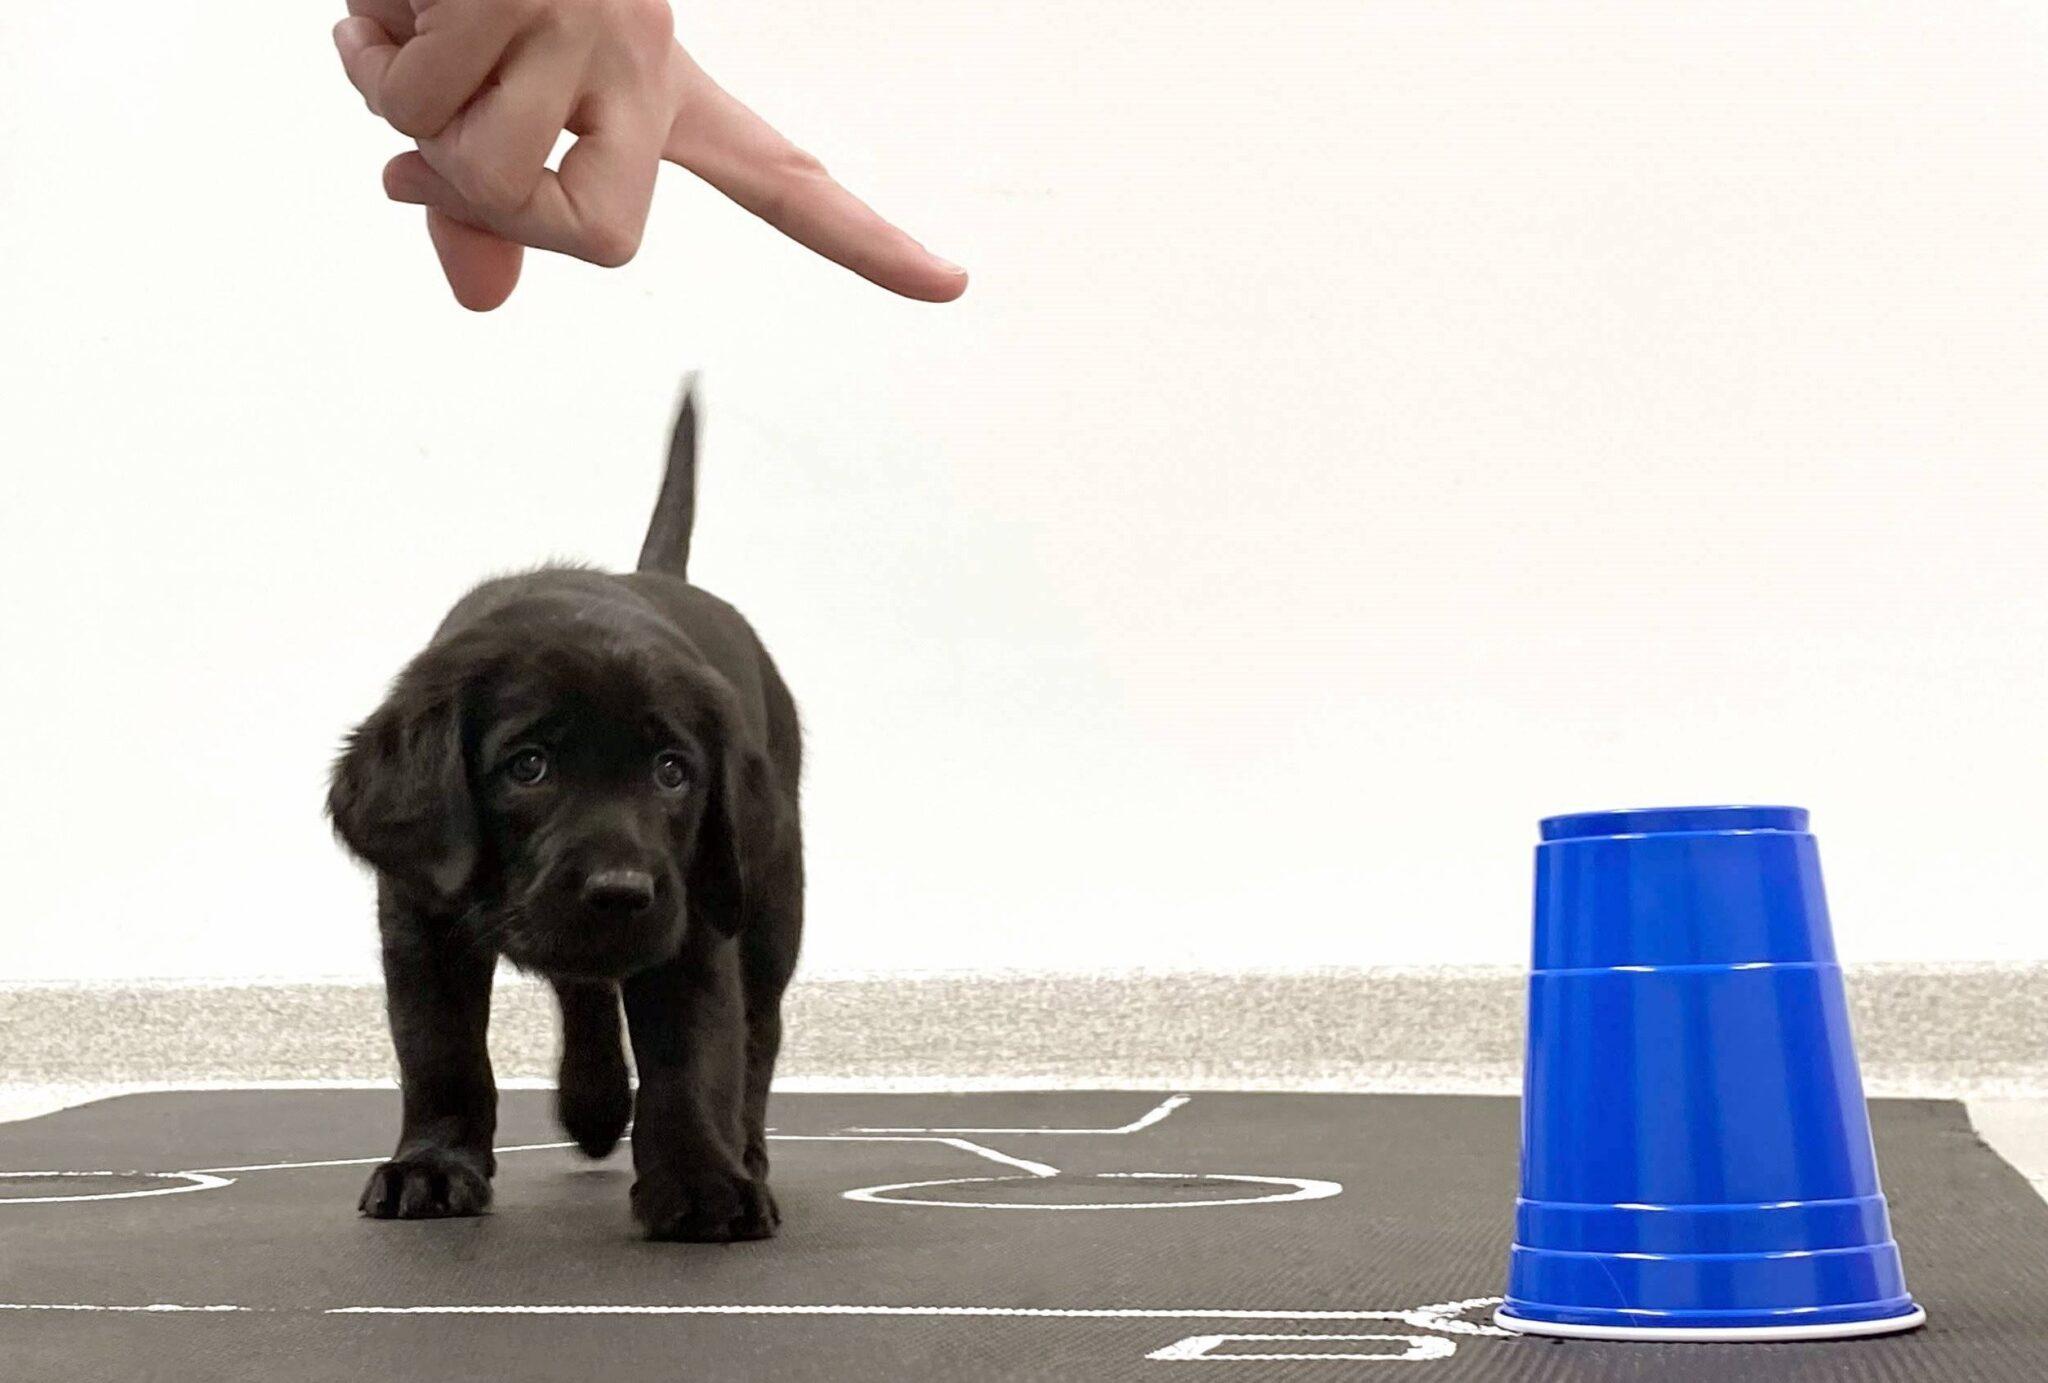 Hundewelpen können Hinweisen von Menschen auch ohne Übung folgen